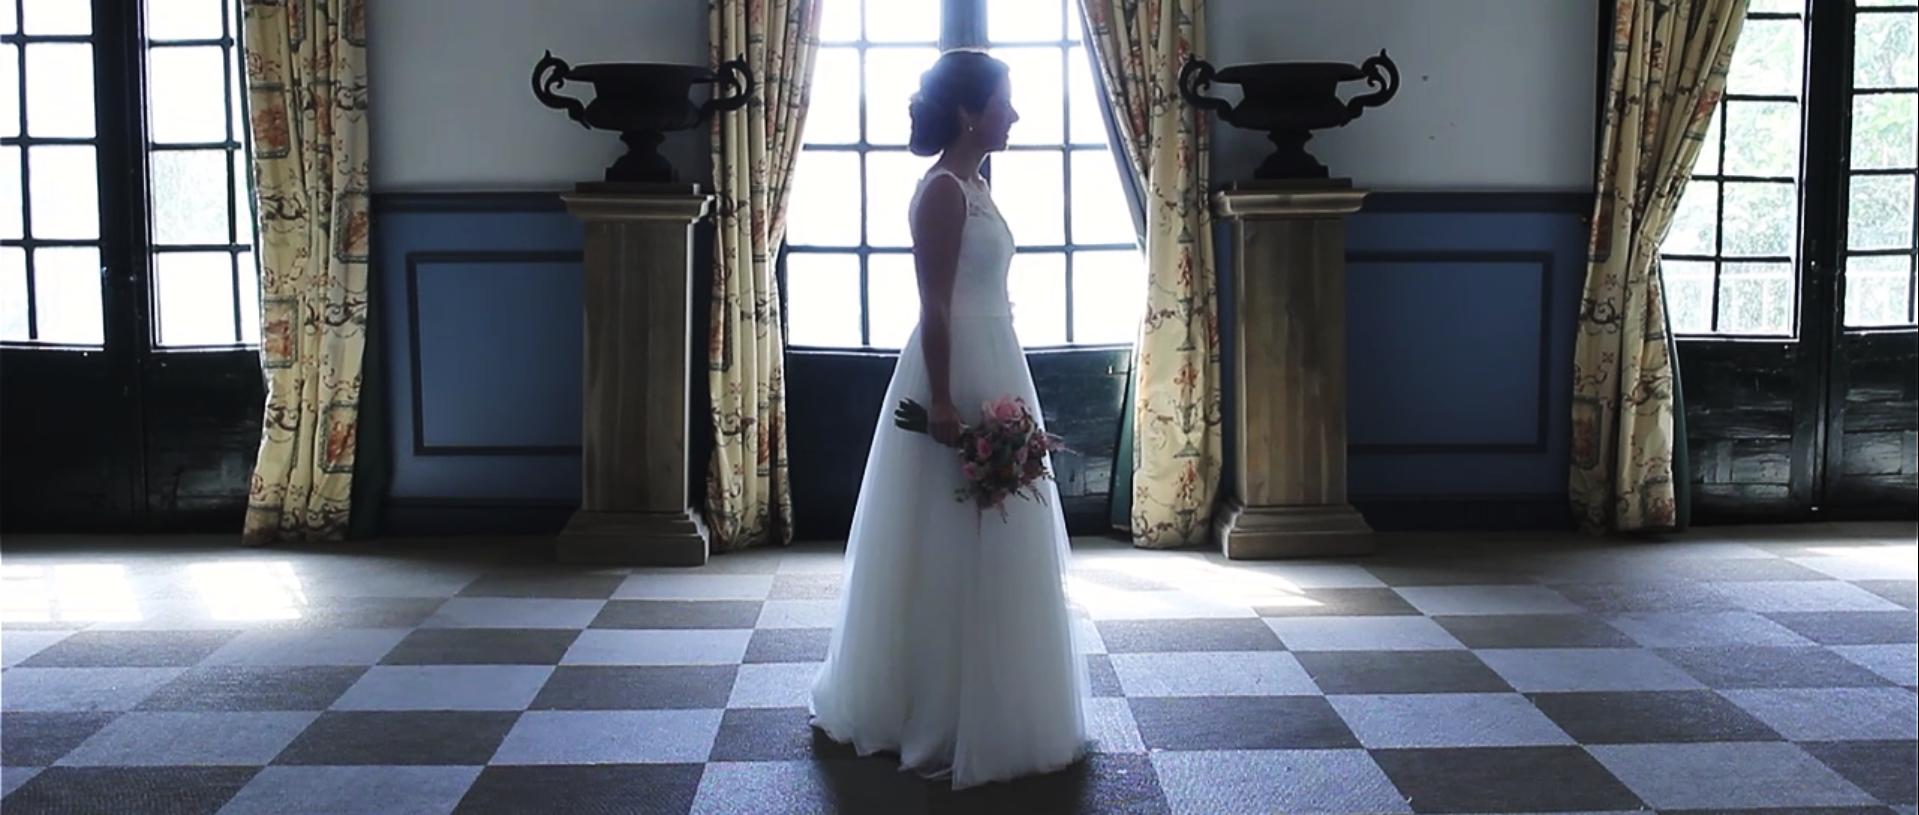 Fotograma de la bride session del video de boda de L+J